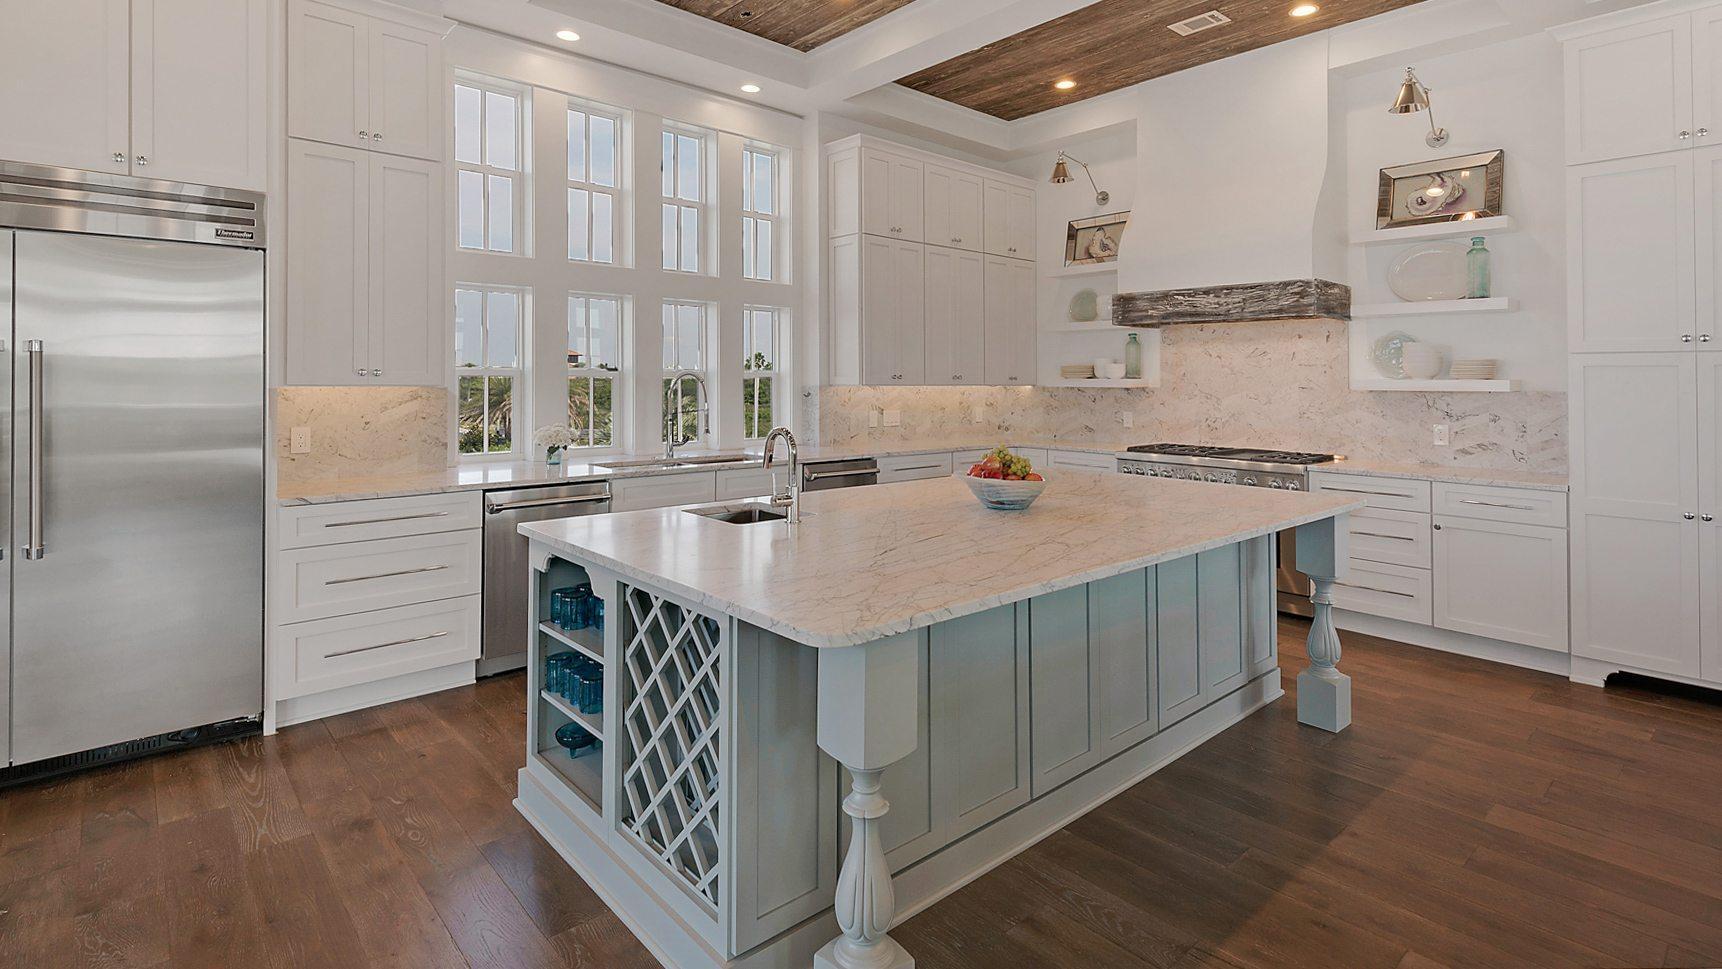 Kitchens Etc Kitchen Design On 30a 3